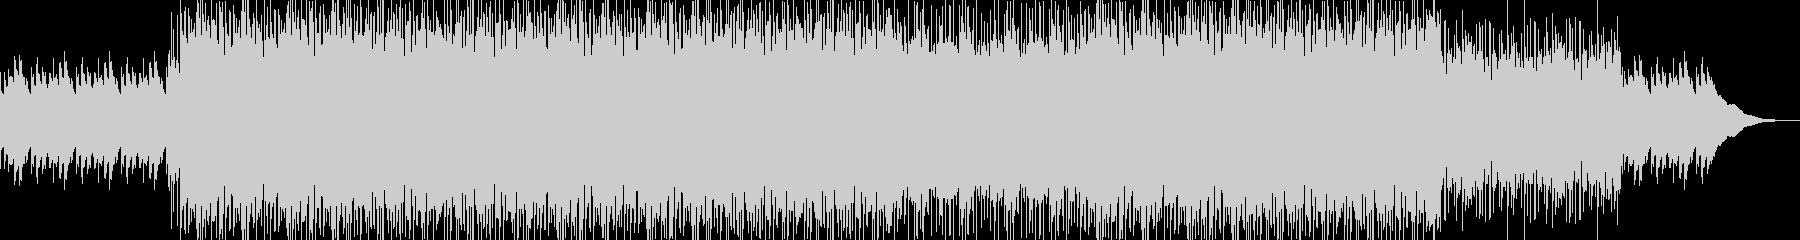 シンプルなロックギターサウンド-01の未再生の波形